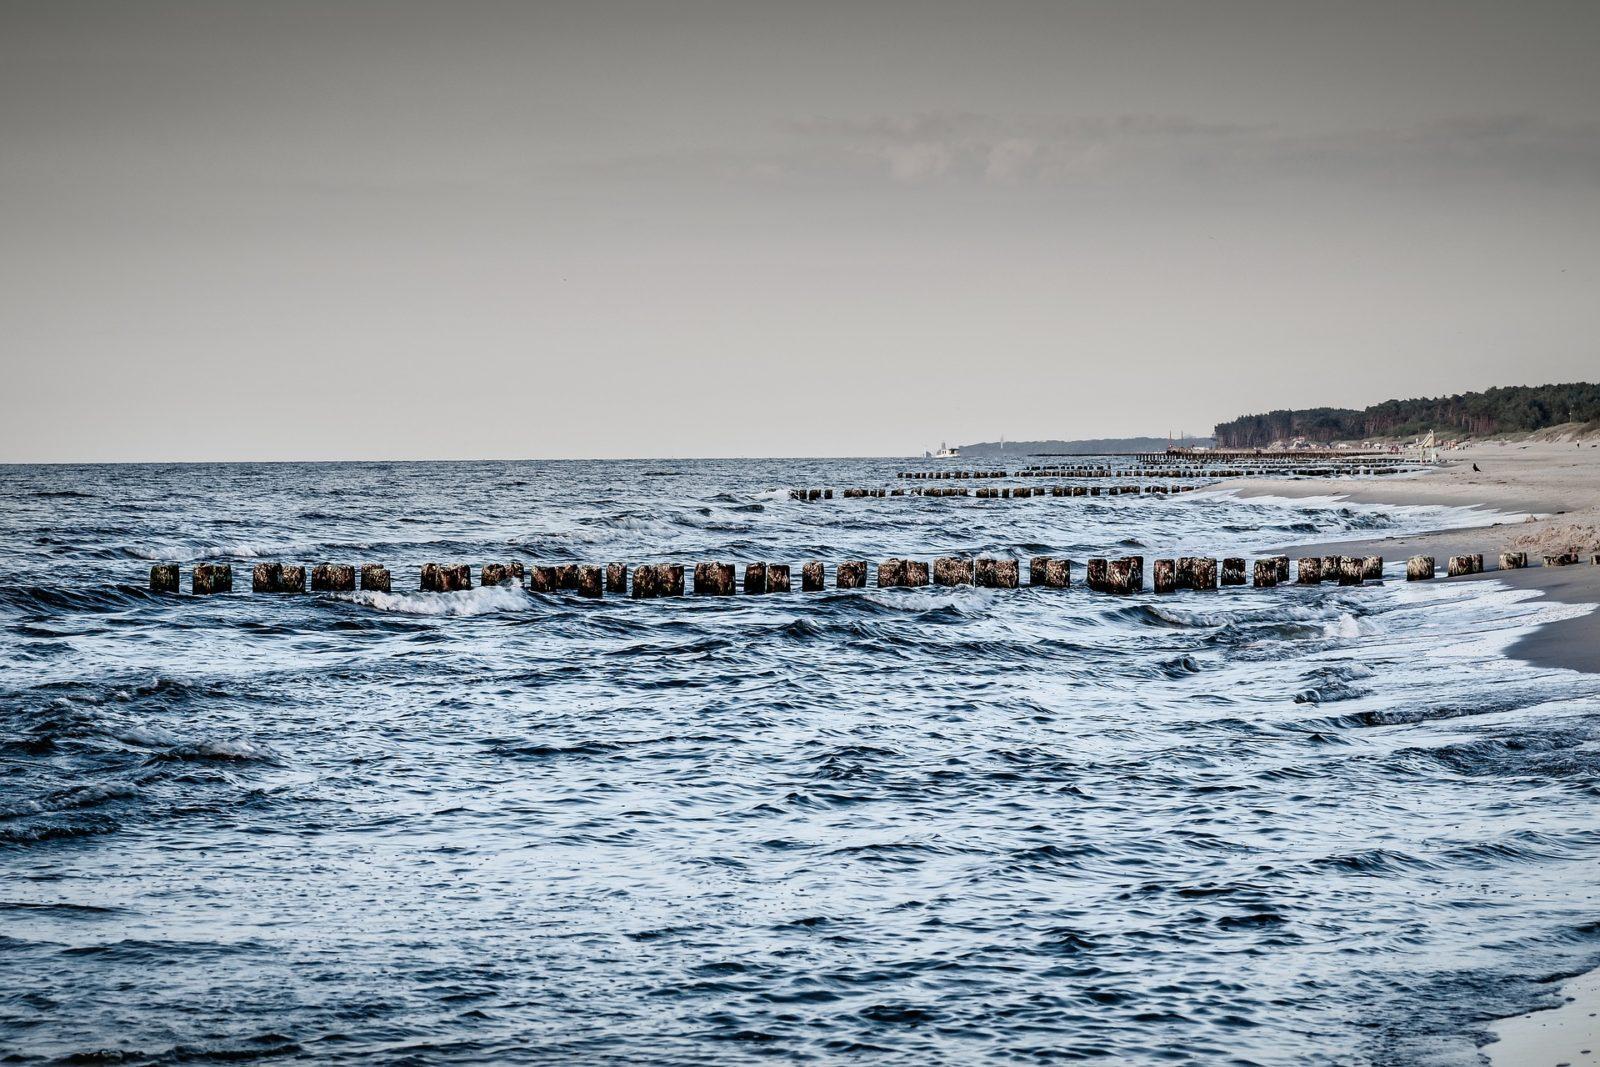 Sikkerhed ombord - Undgå hypotermi, overlev det kolde vand